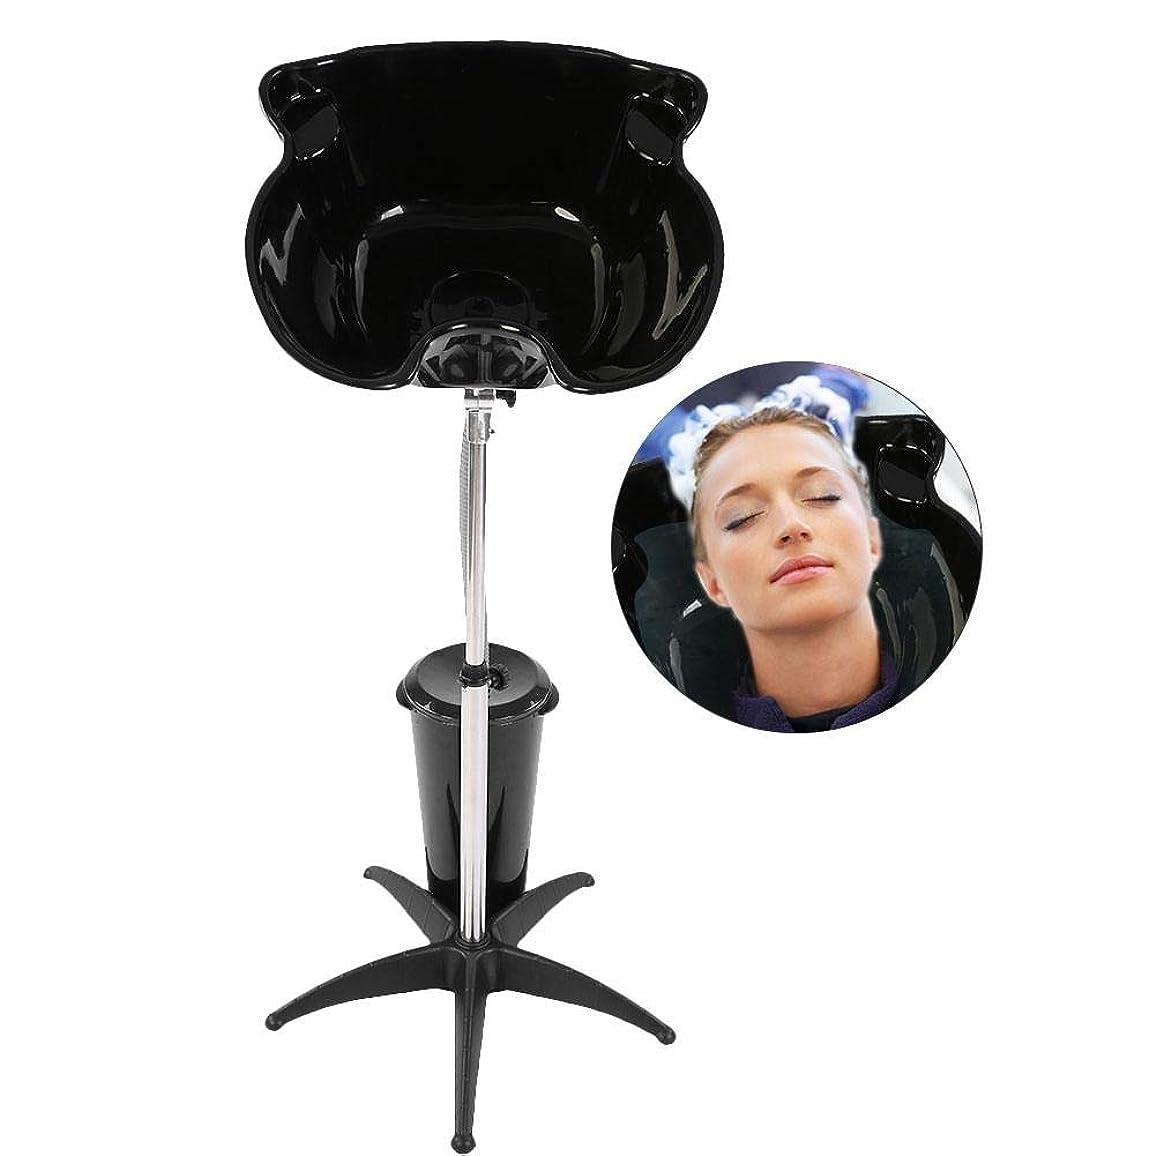 加害者クマノミ引用水切り付き洗面器、高さ調節可能ステンレススチール理髪店のシンク